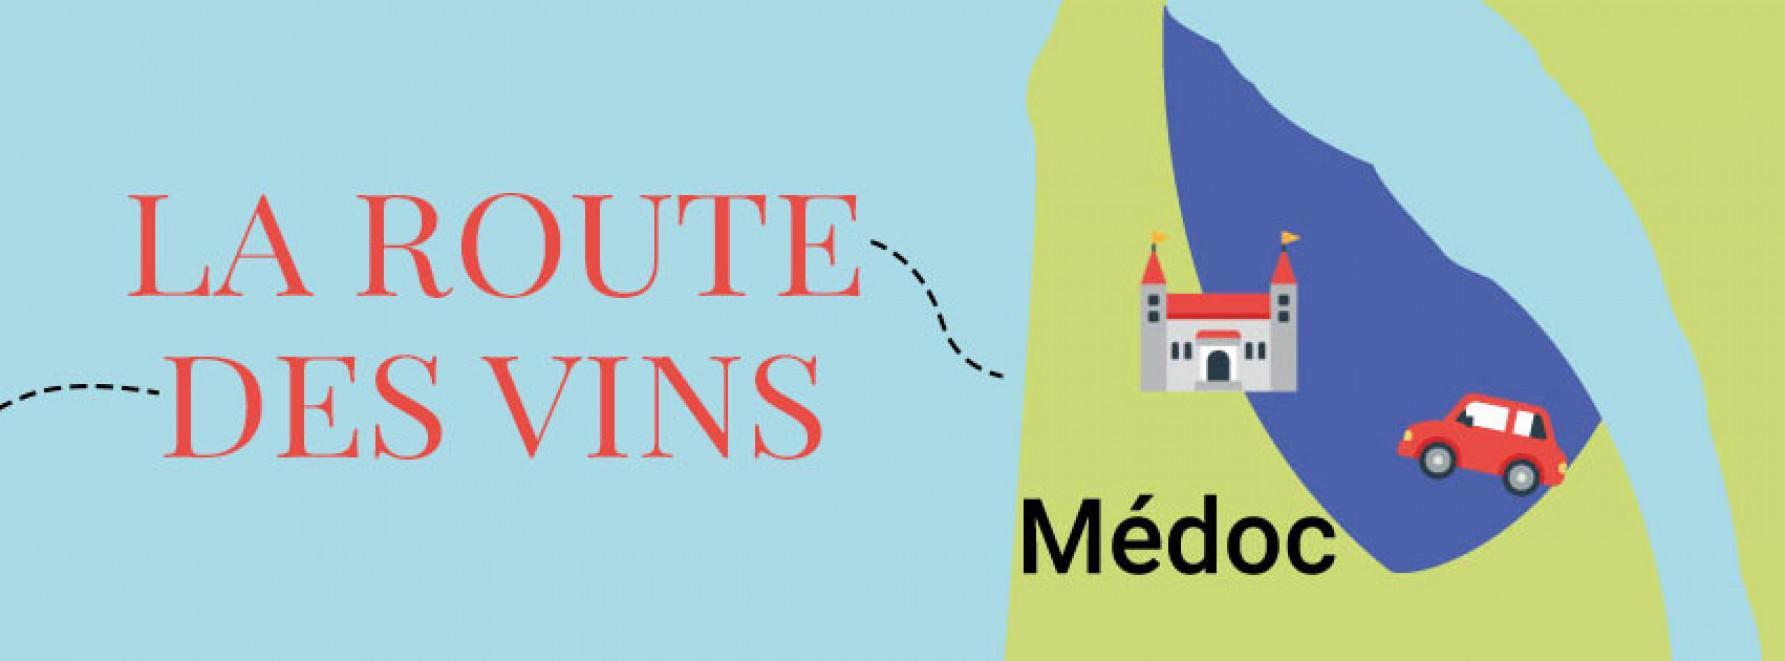 La route des vins : direction le Médoc